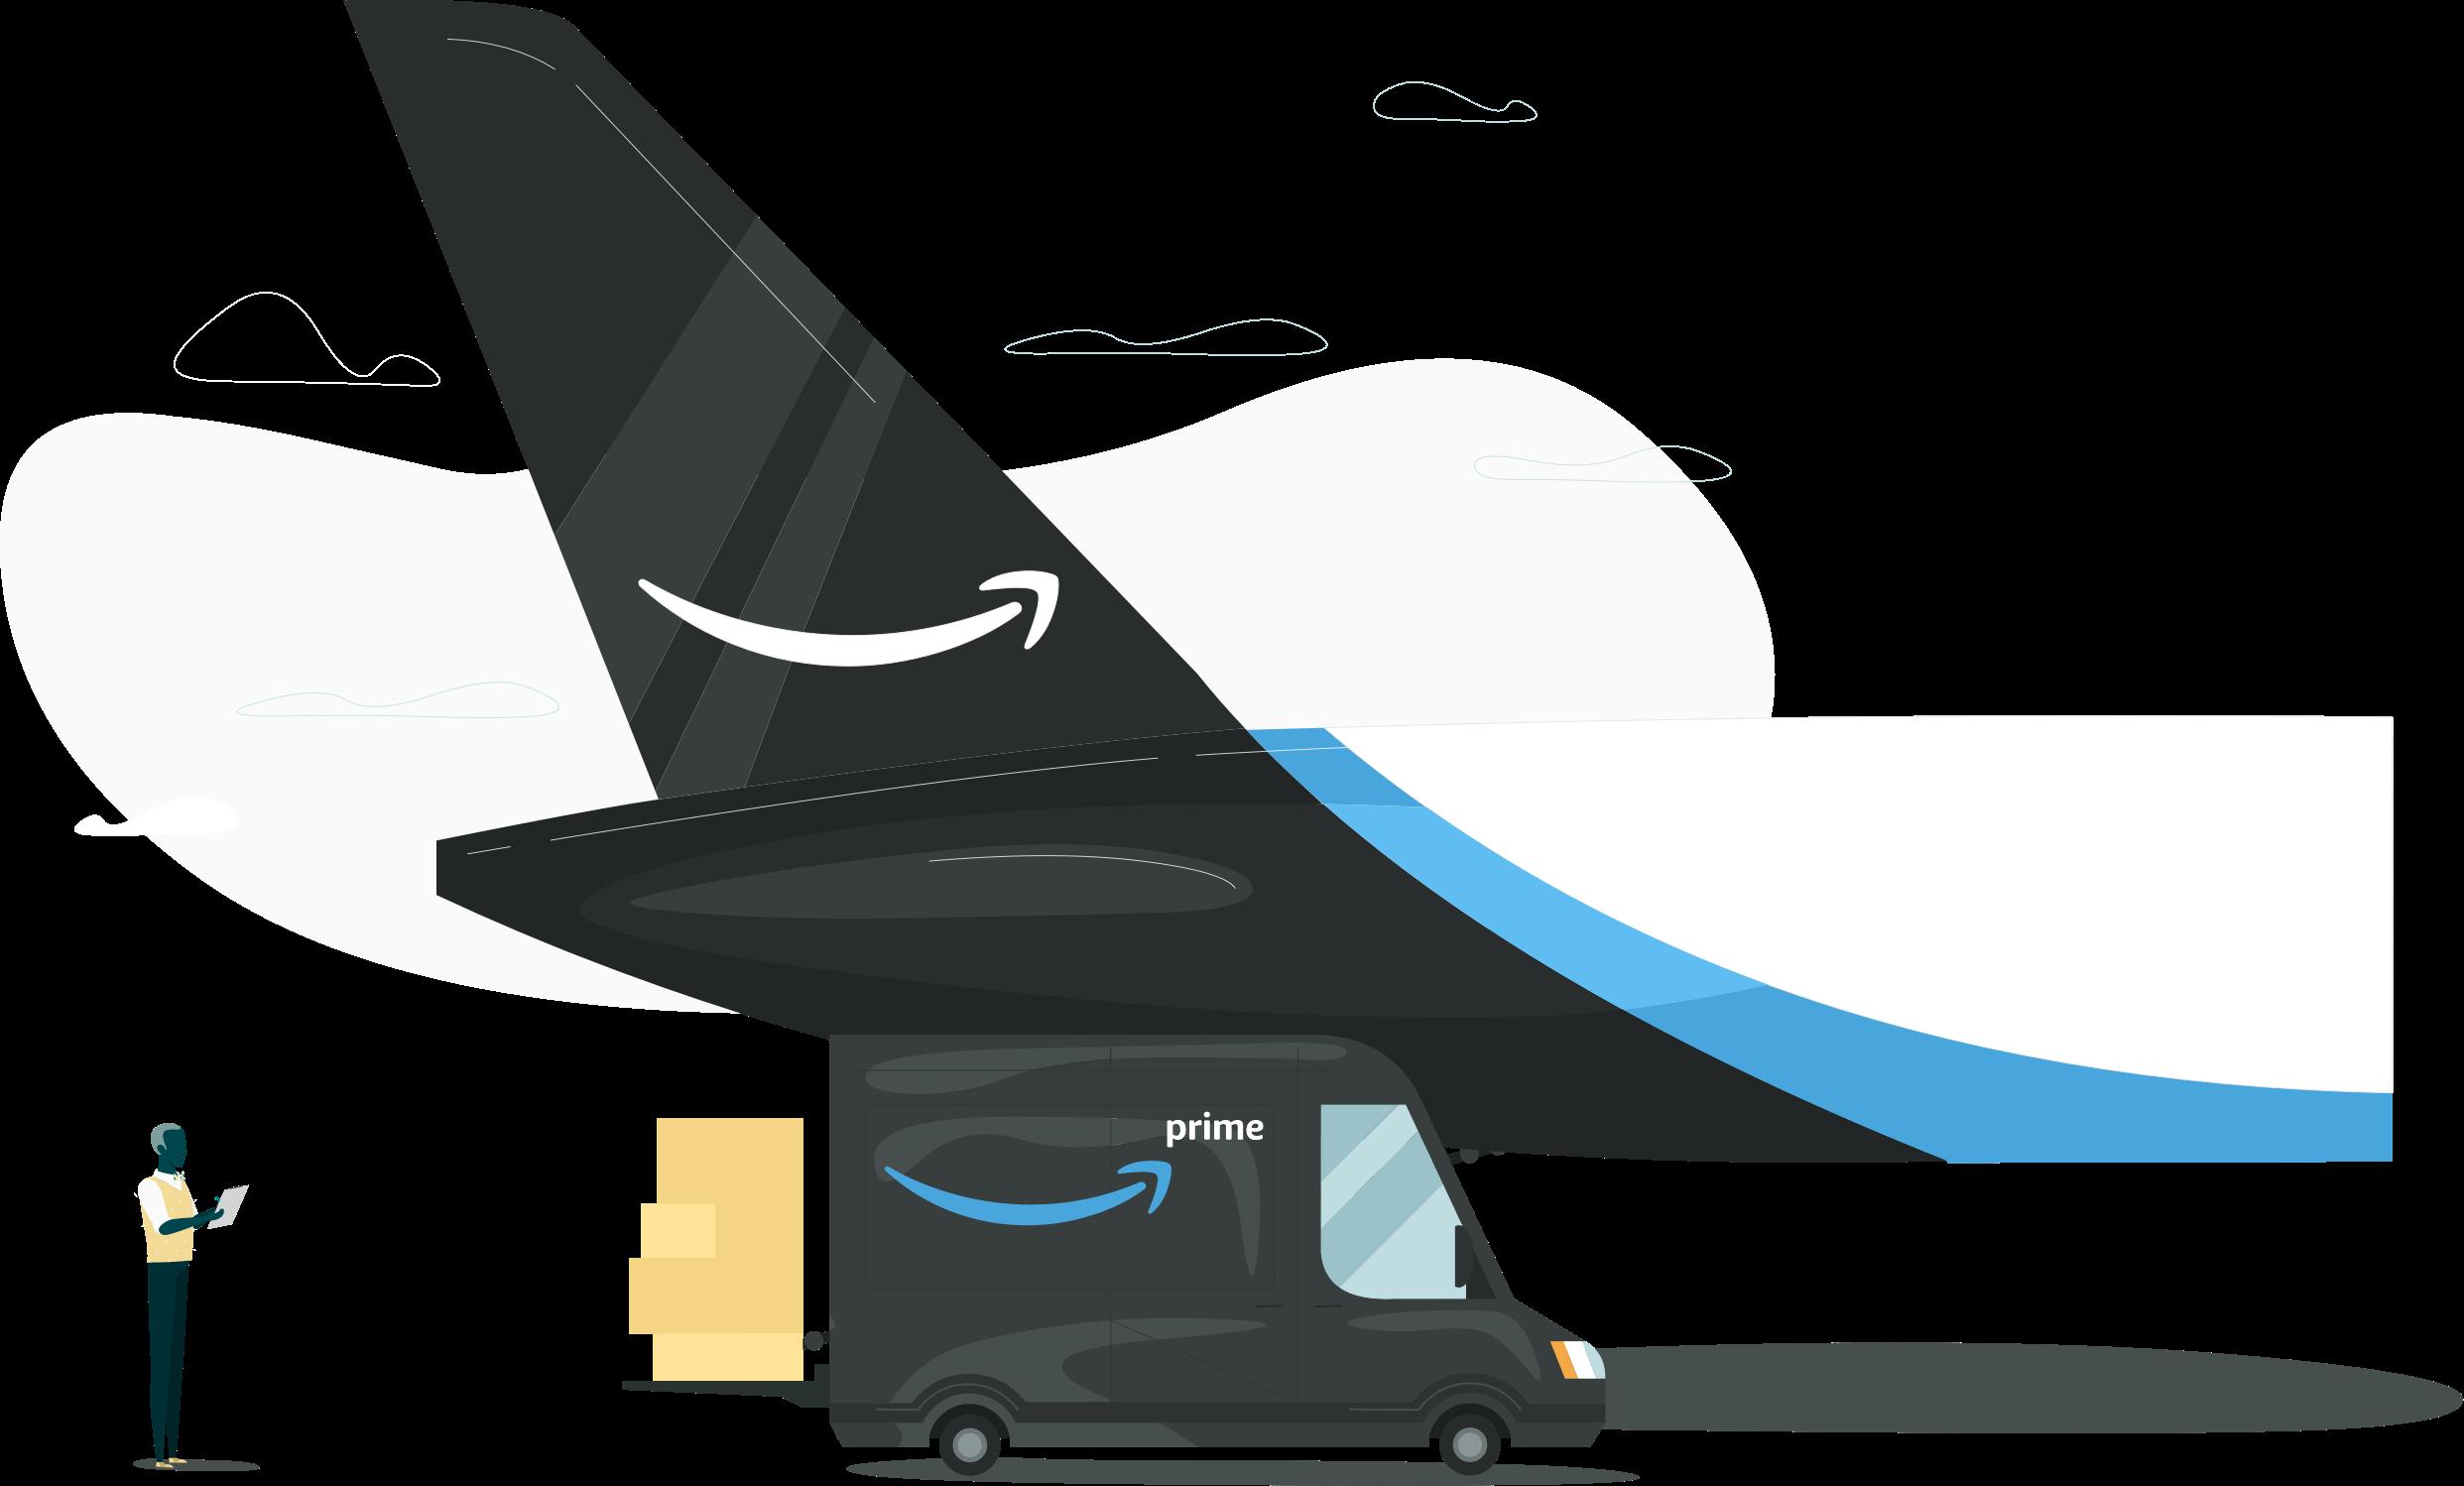 Prime Airの飛行機と配達トラックの横に立っている男のイラスト